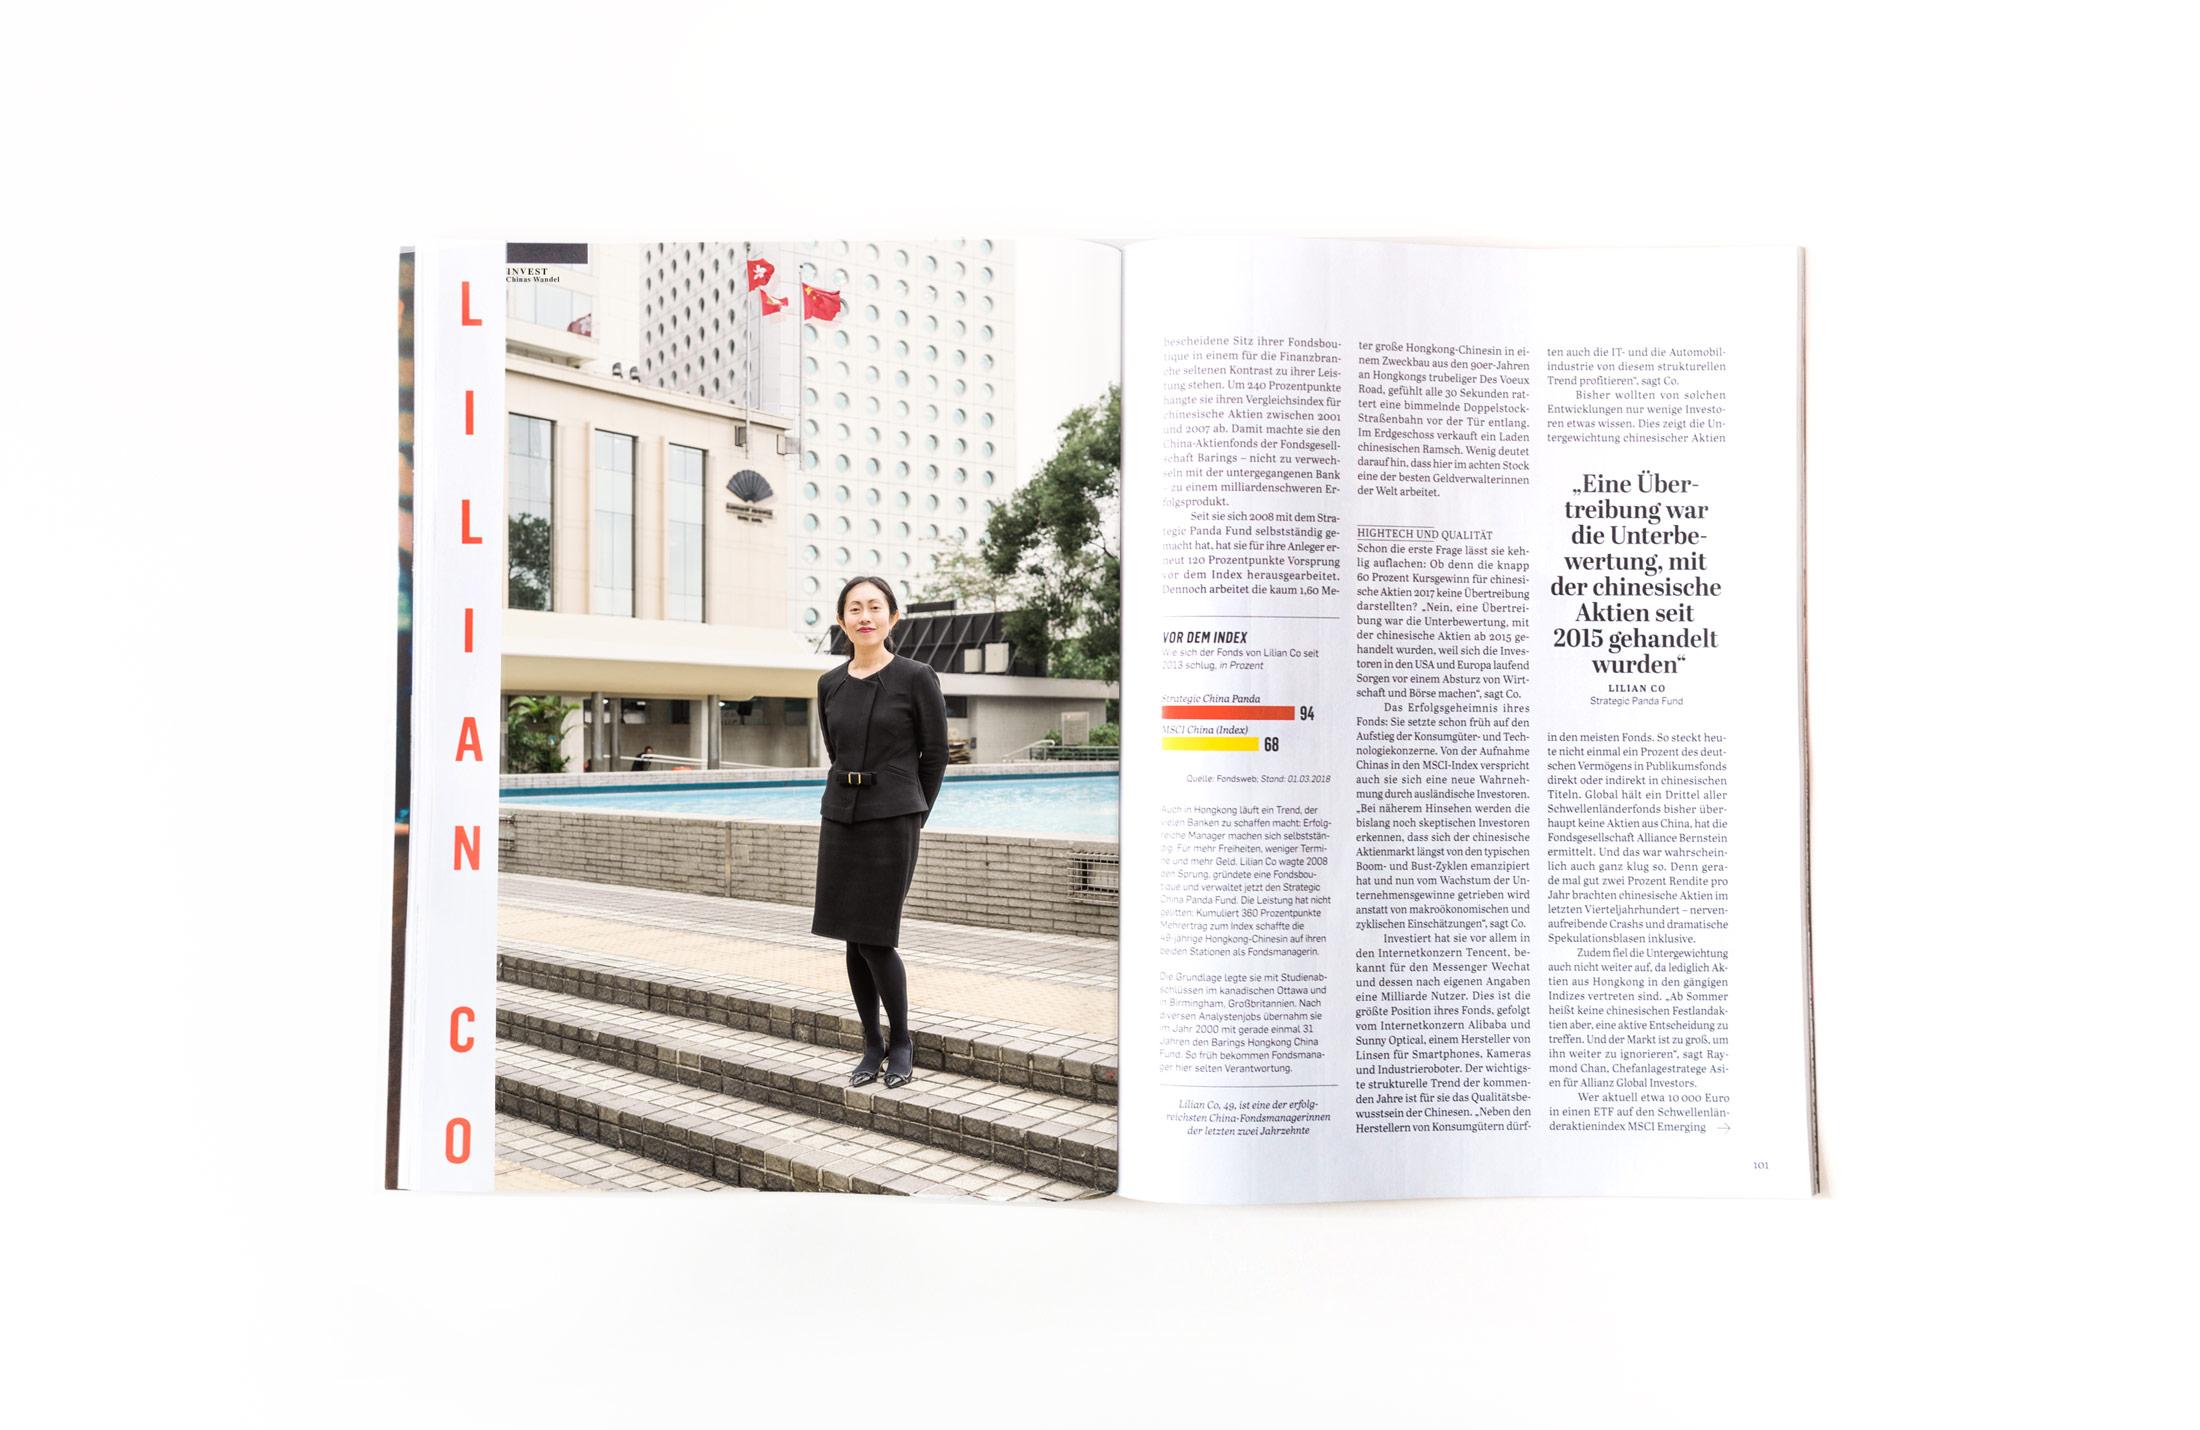 CapitalMagazine-003.jpg